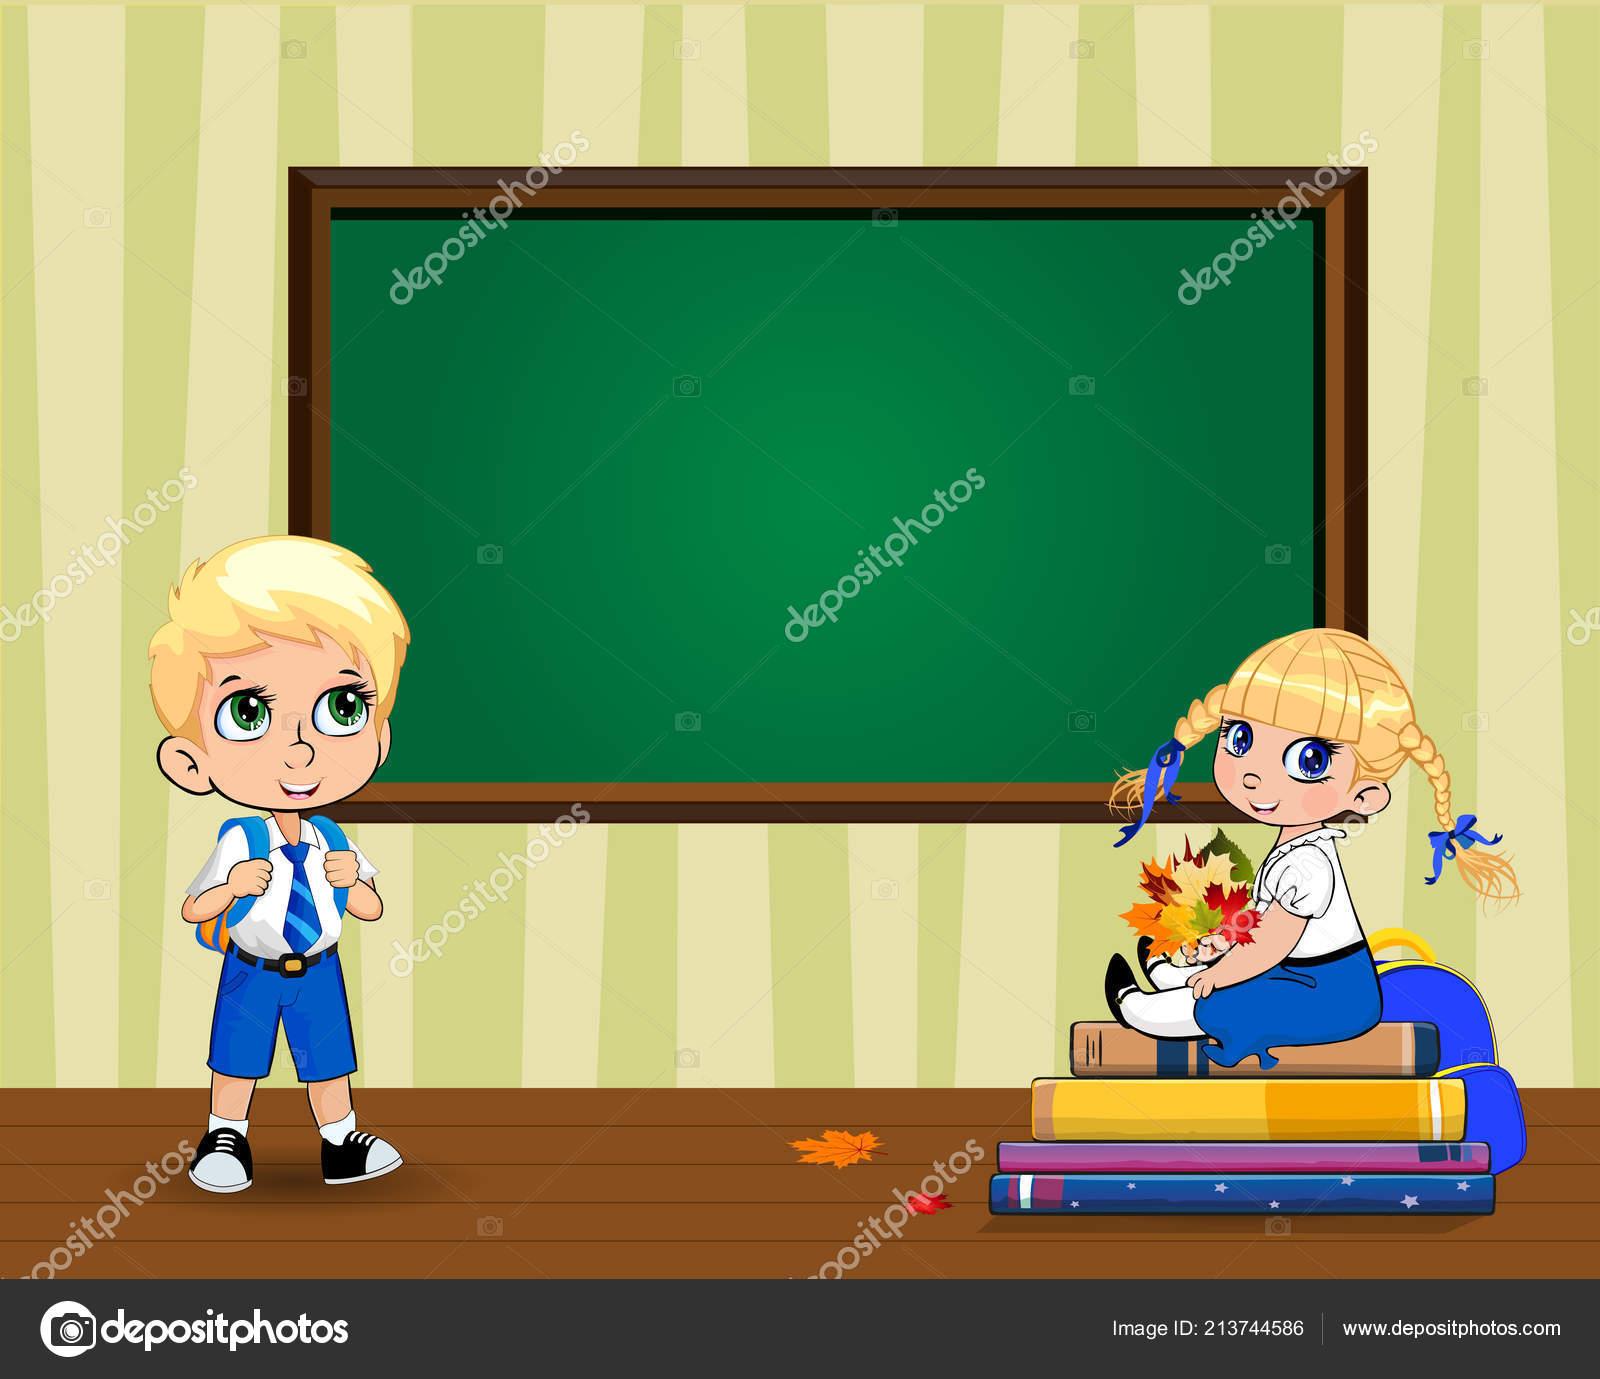 Simpatico Cartone Animato Scuola Bambini Vicino Cancellare Lavagna